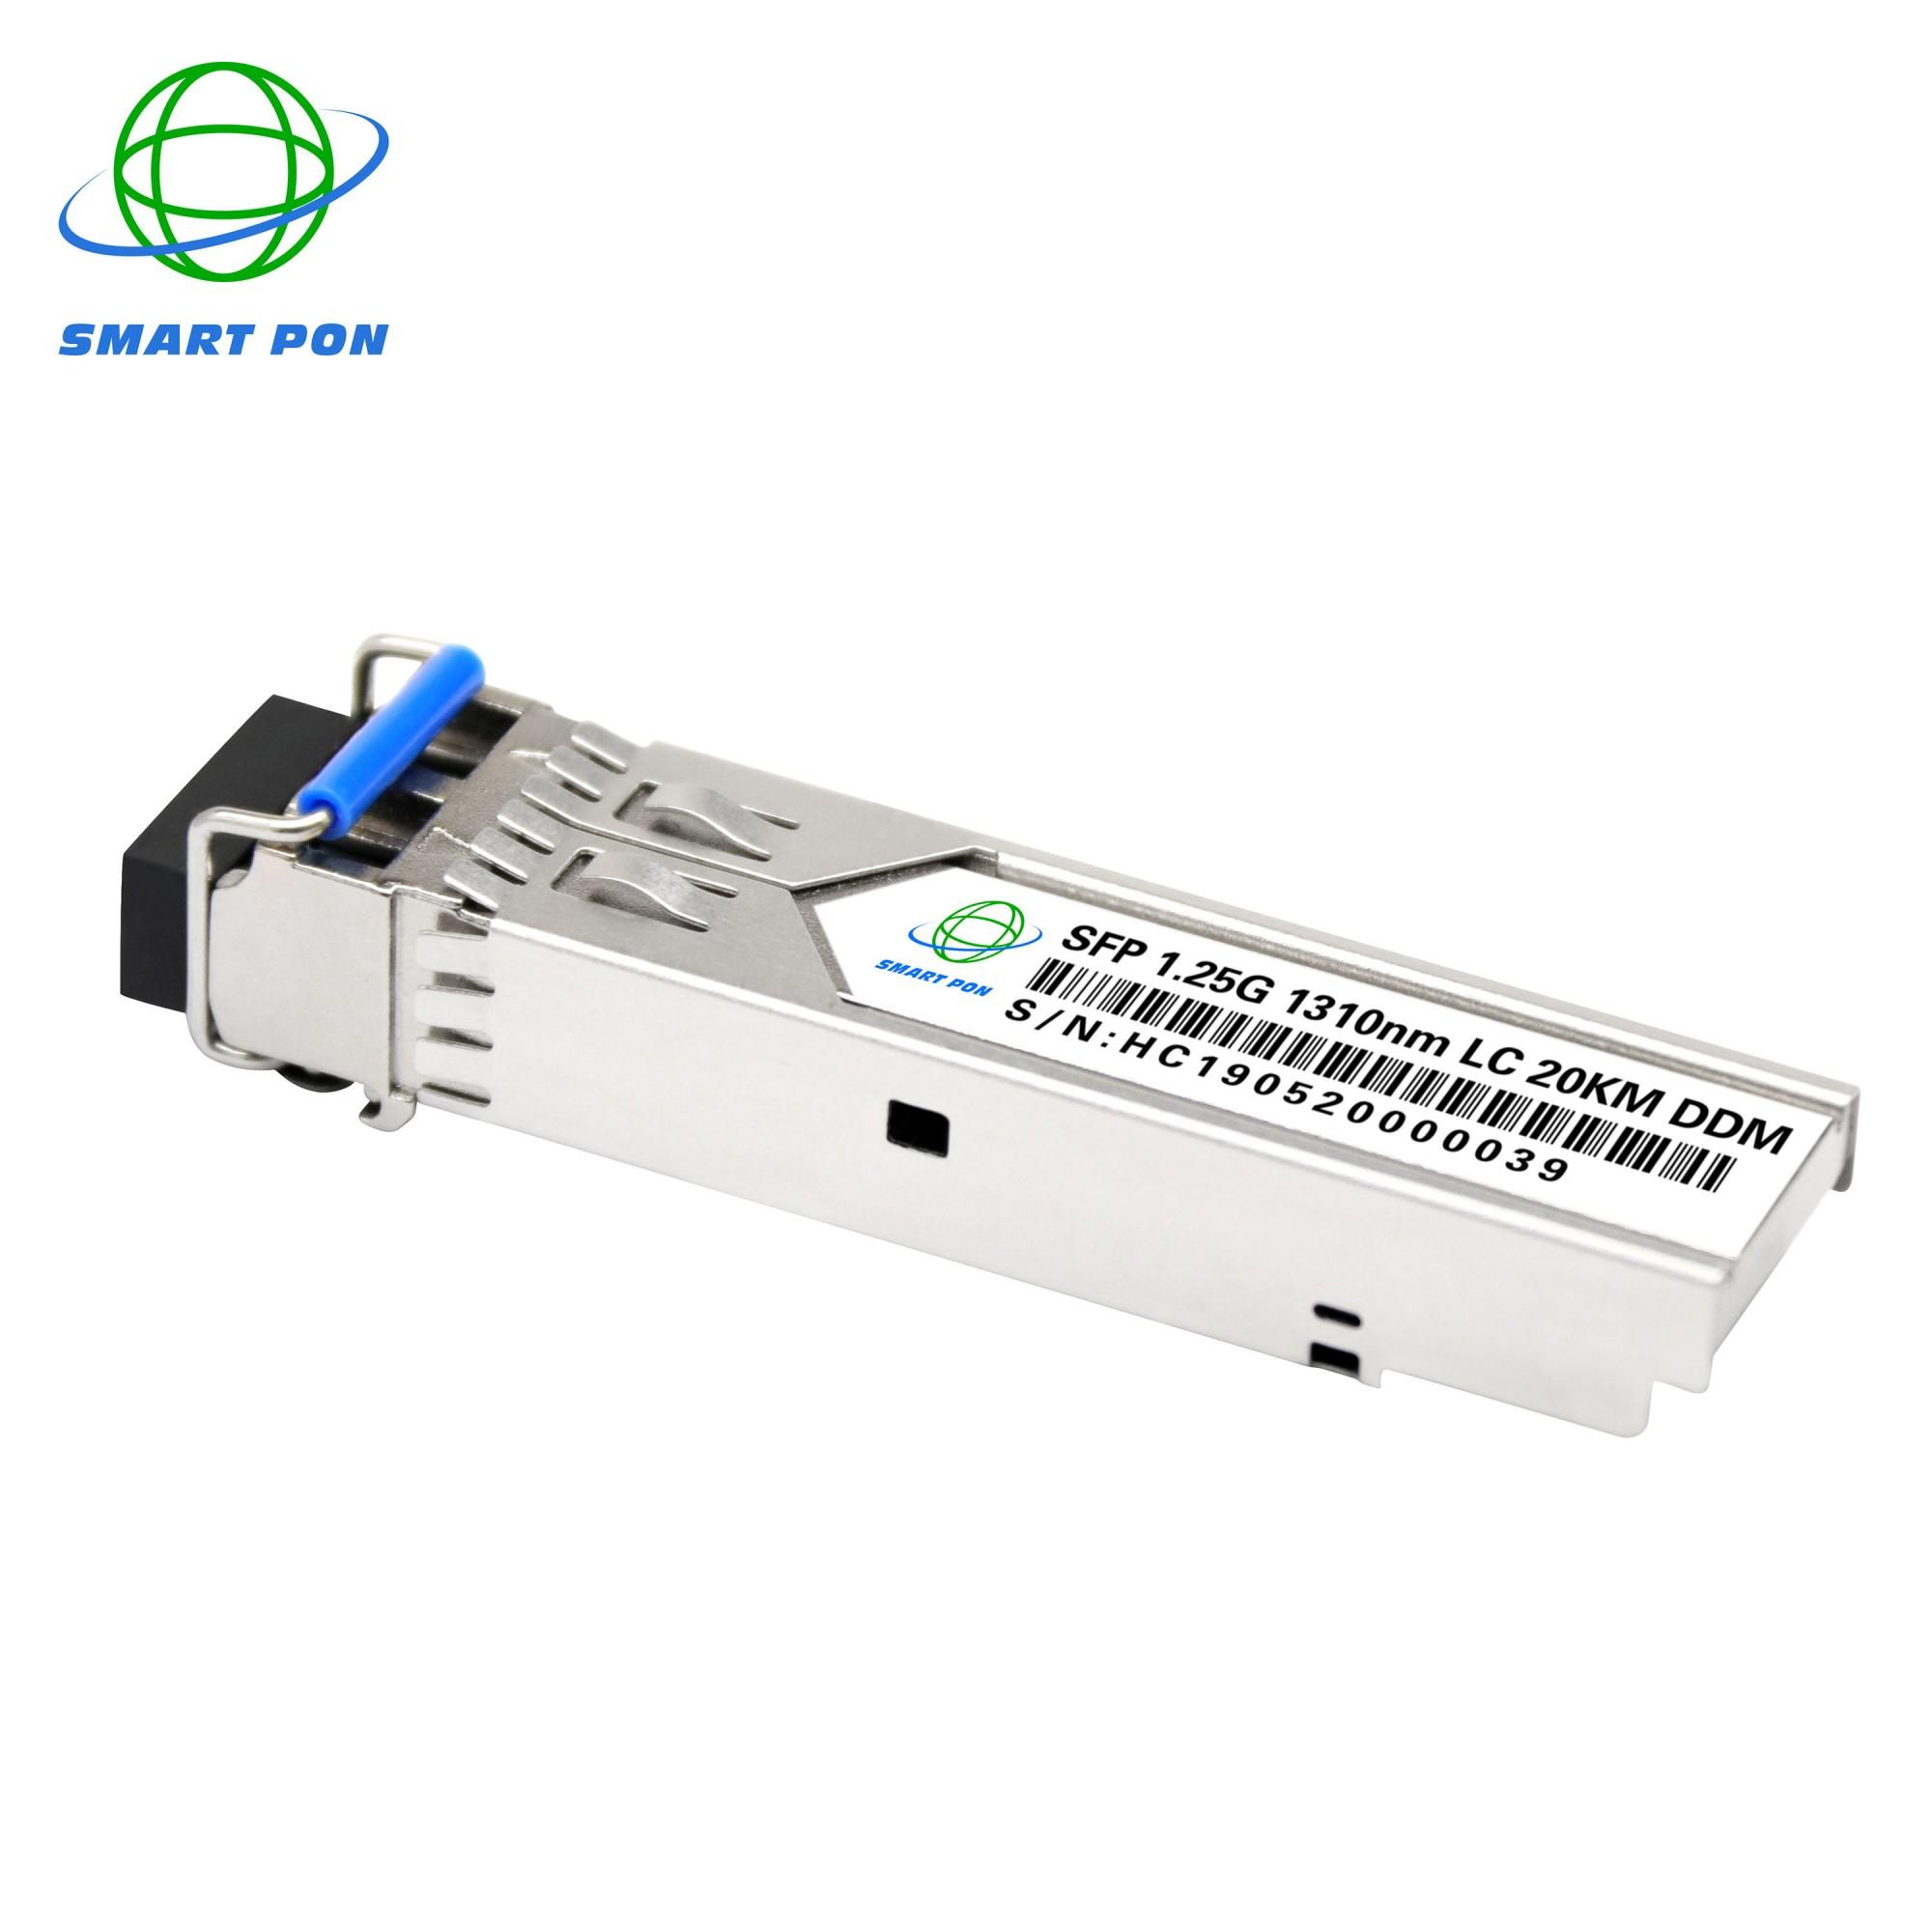 Brand New Dual Fiber Optic Transceiver 1310nm